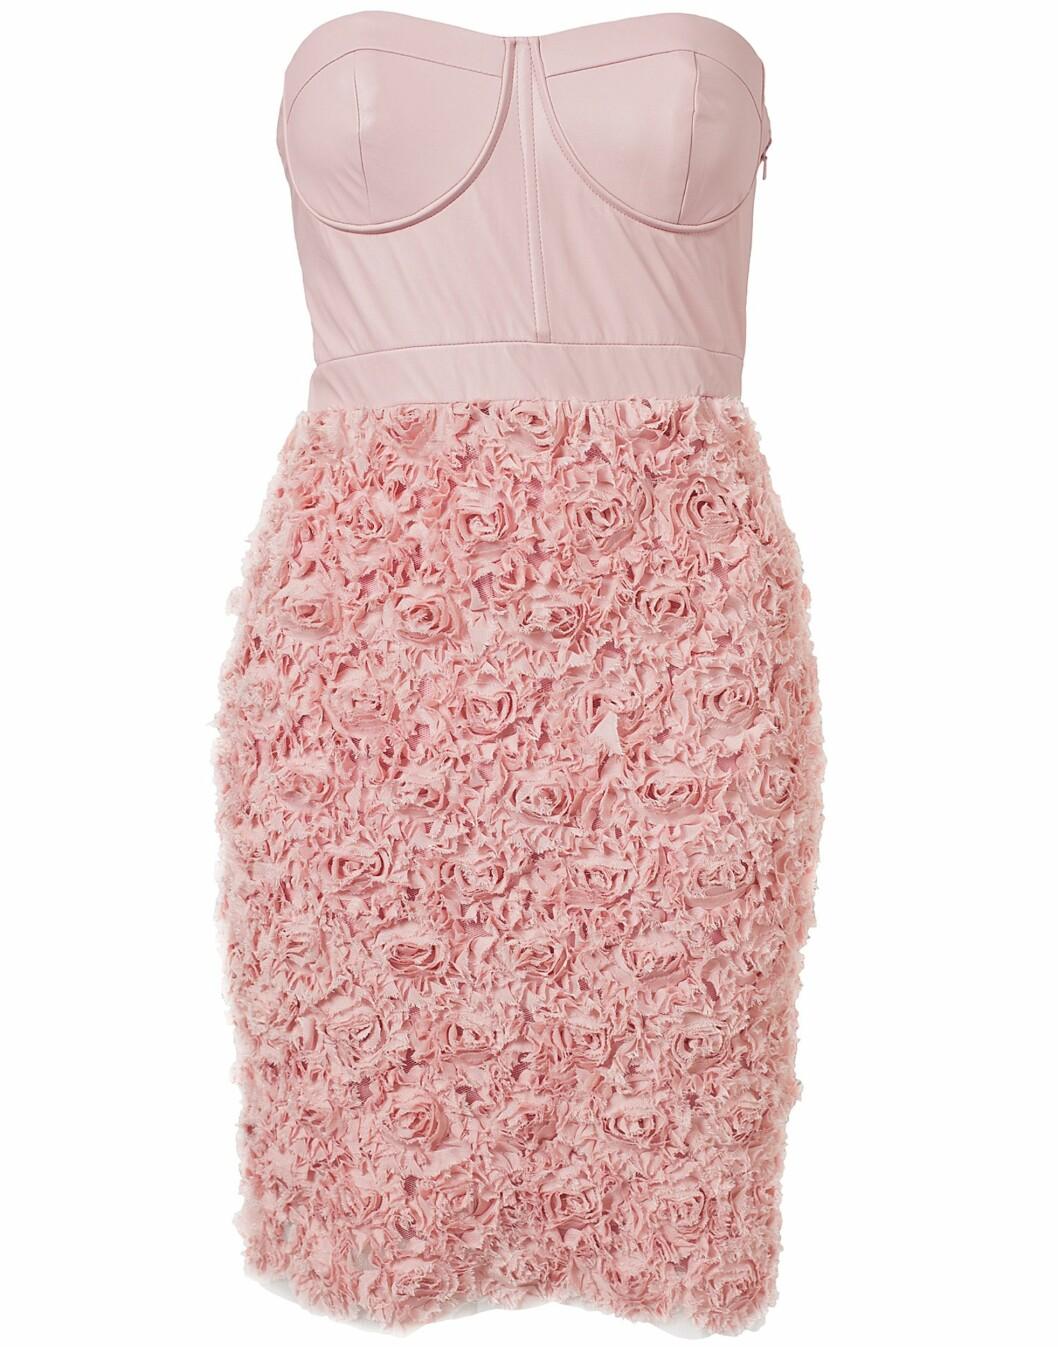 Sexy og feminin kjole (kr 799/Nelly Eve). Foto: Produsent